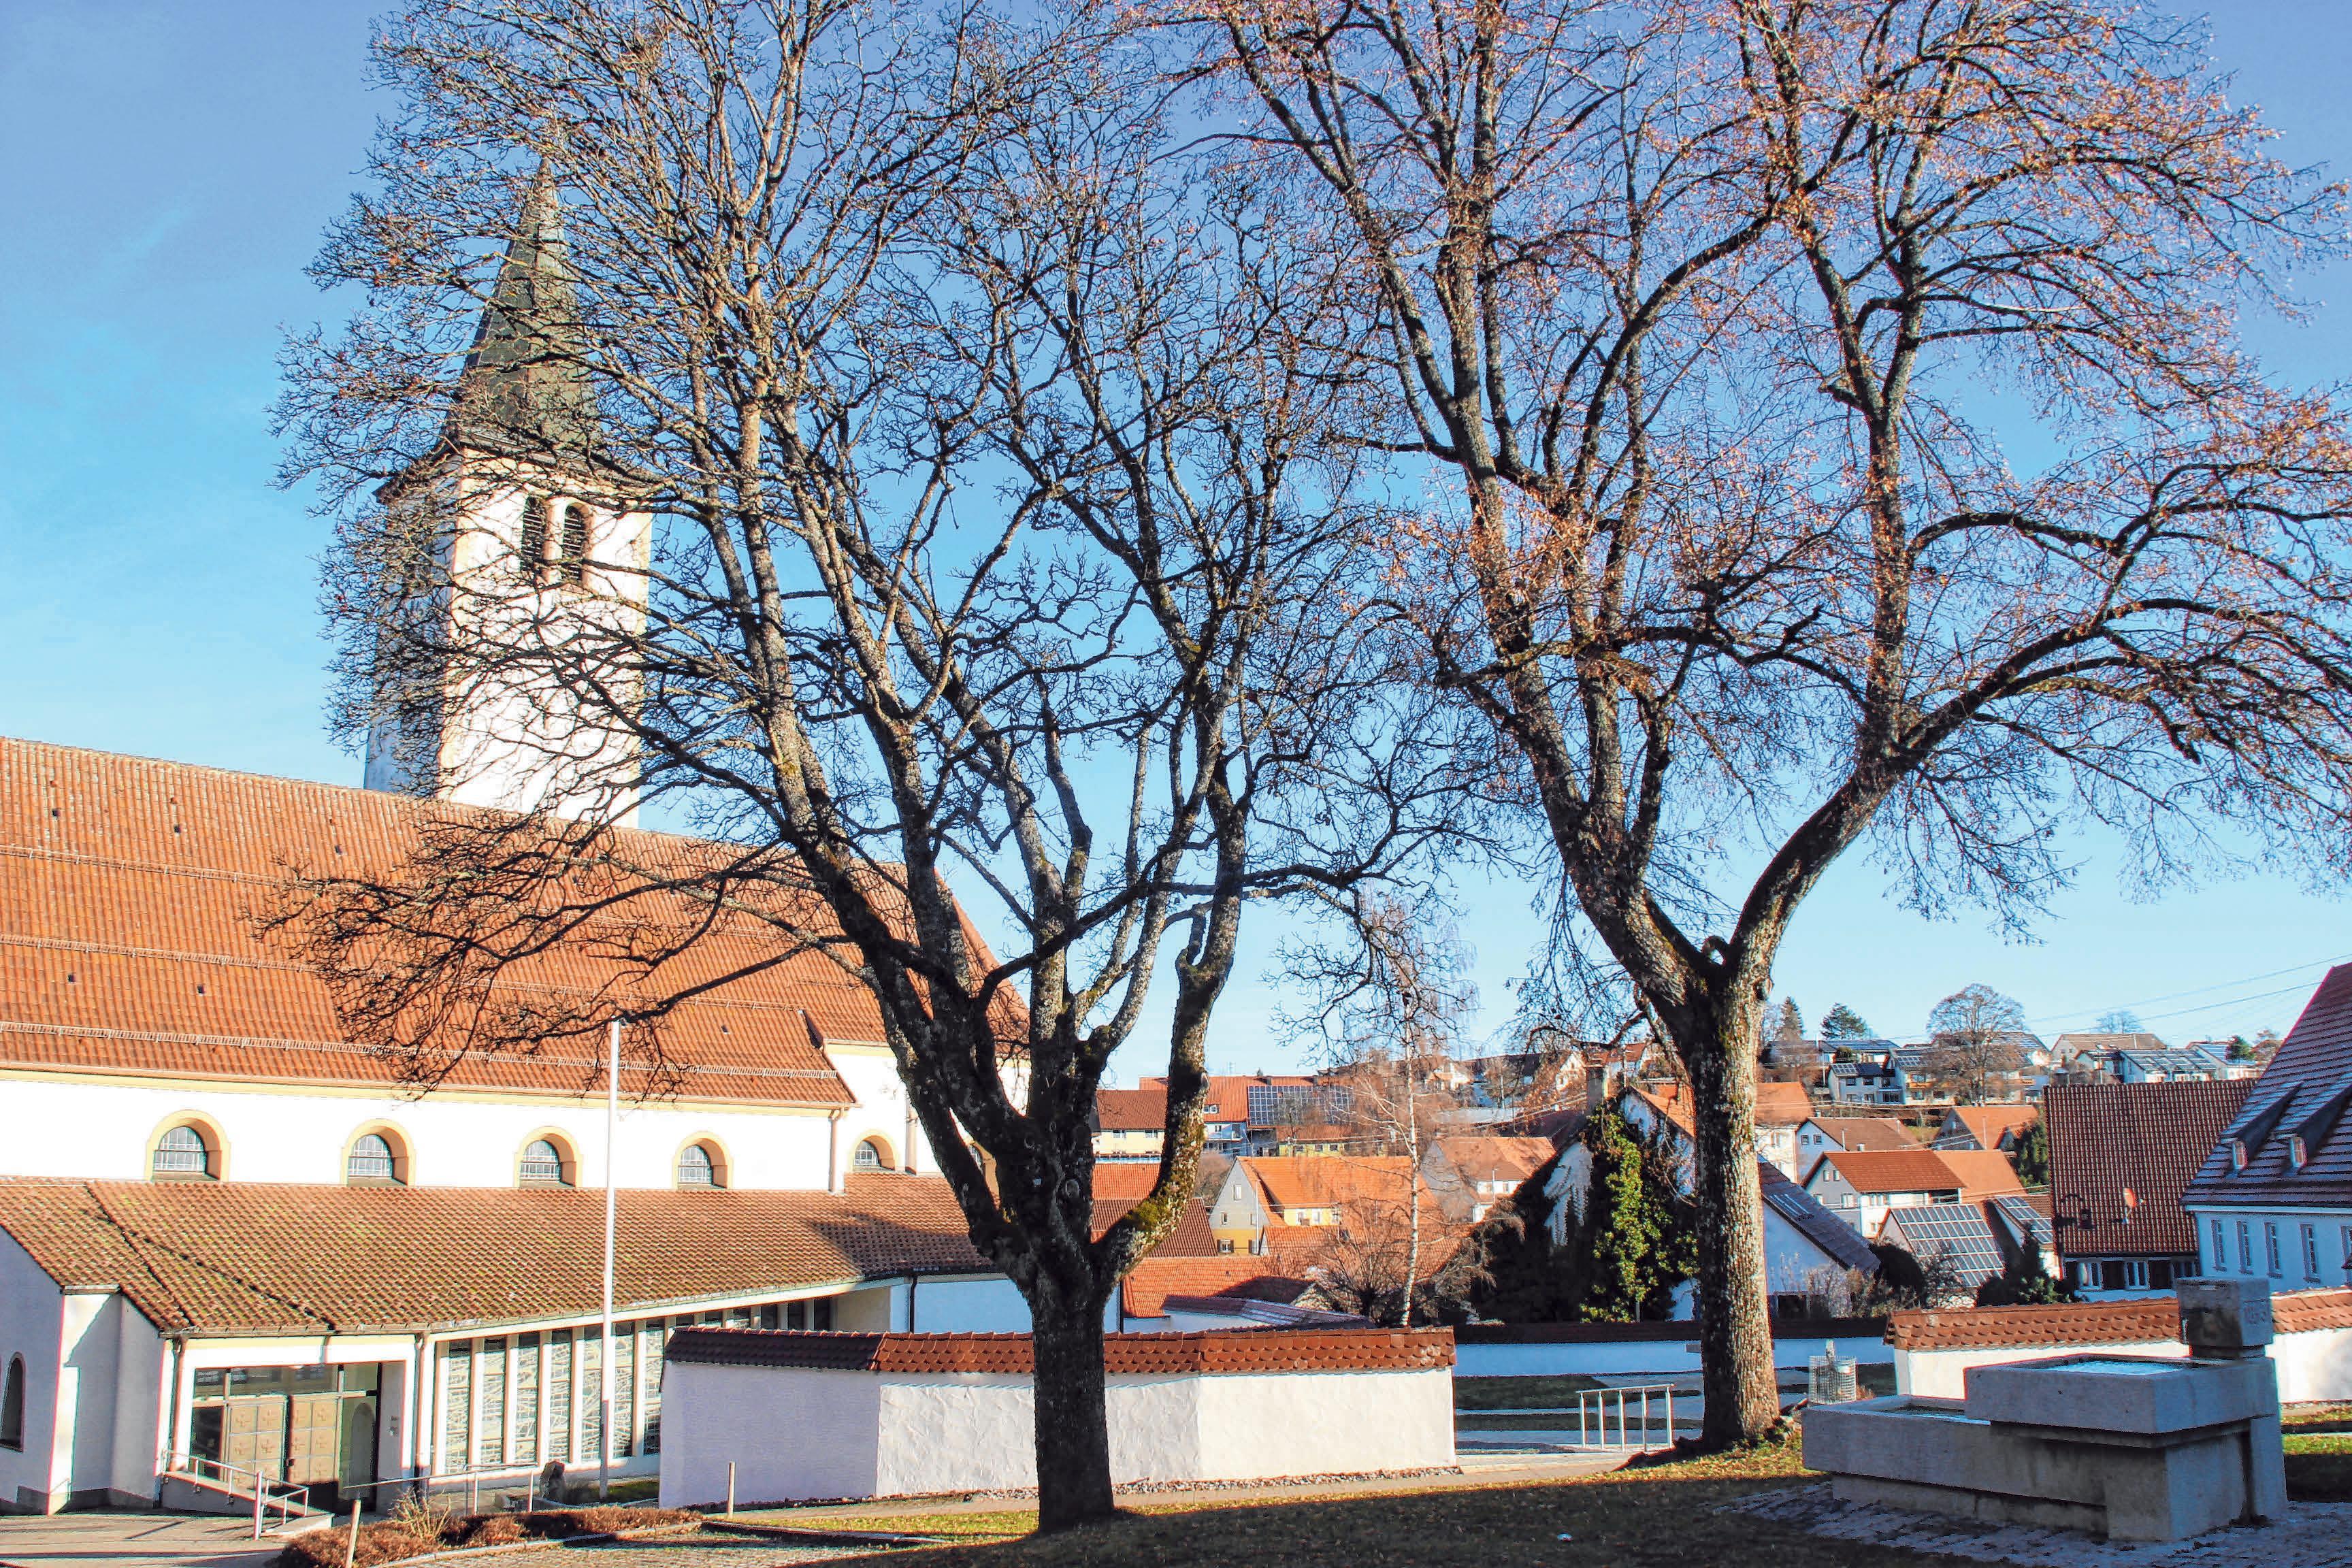 Ansicht vom Rathaus aus. FOTOS:MOOSBRUCKER